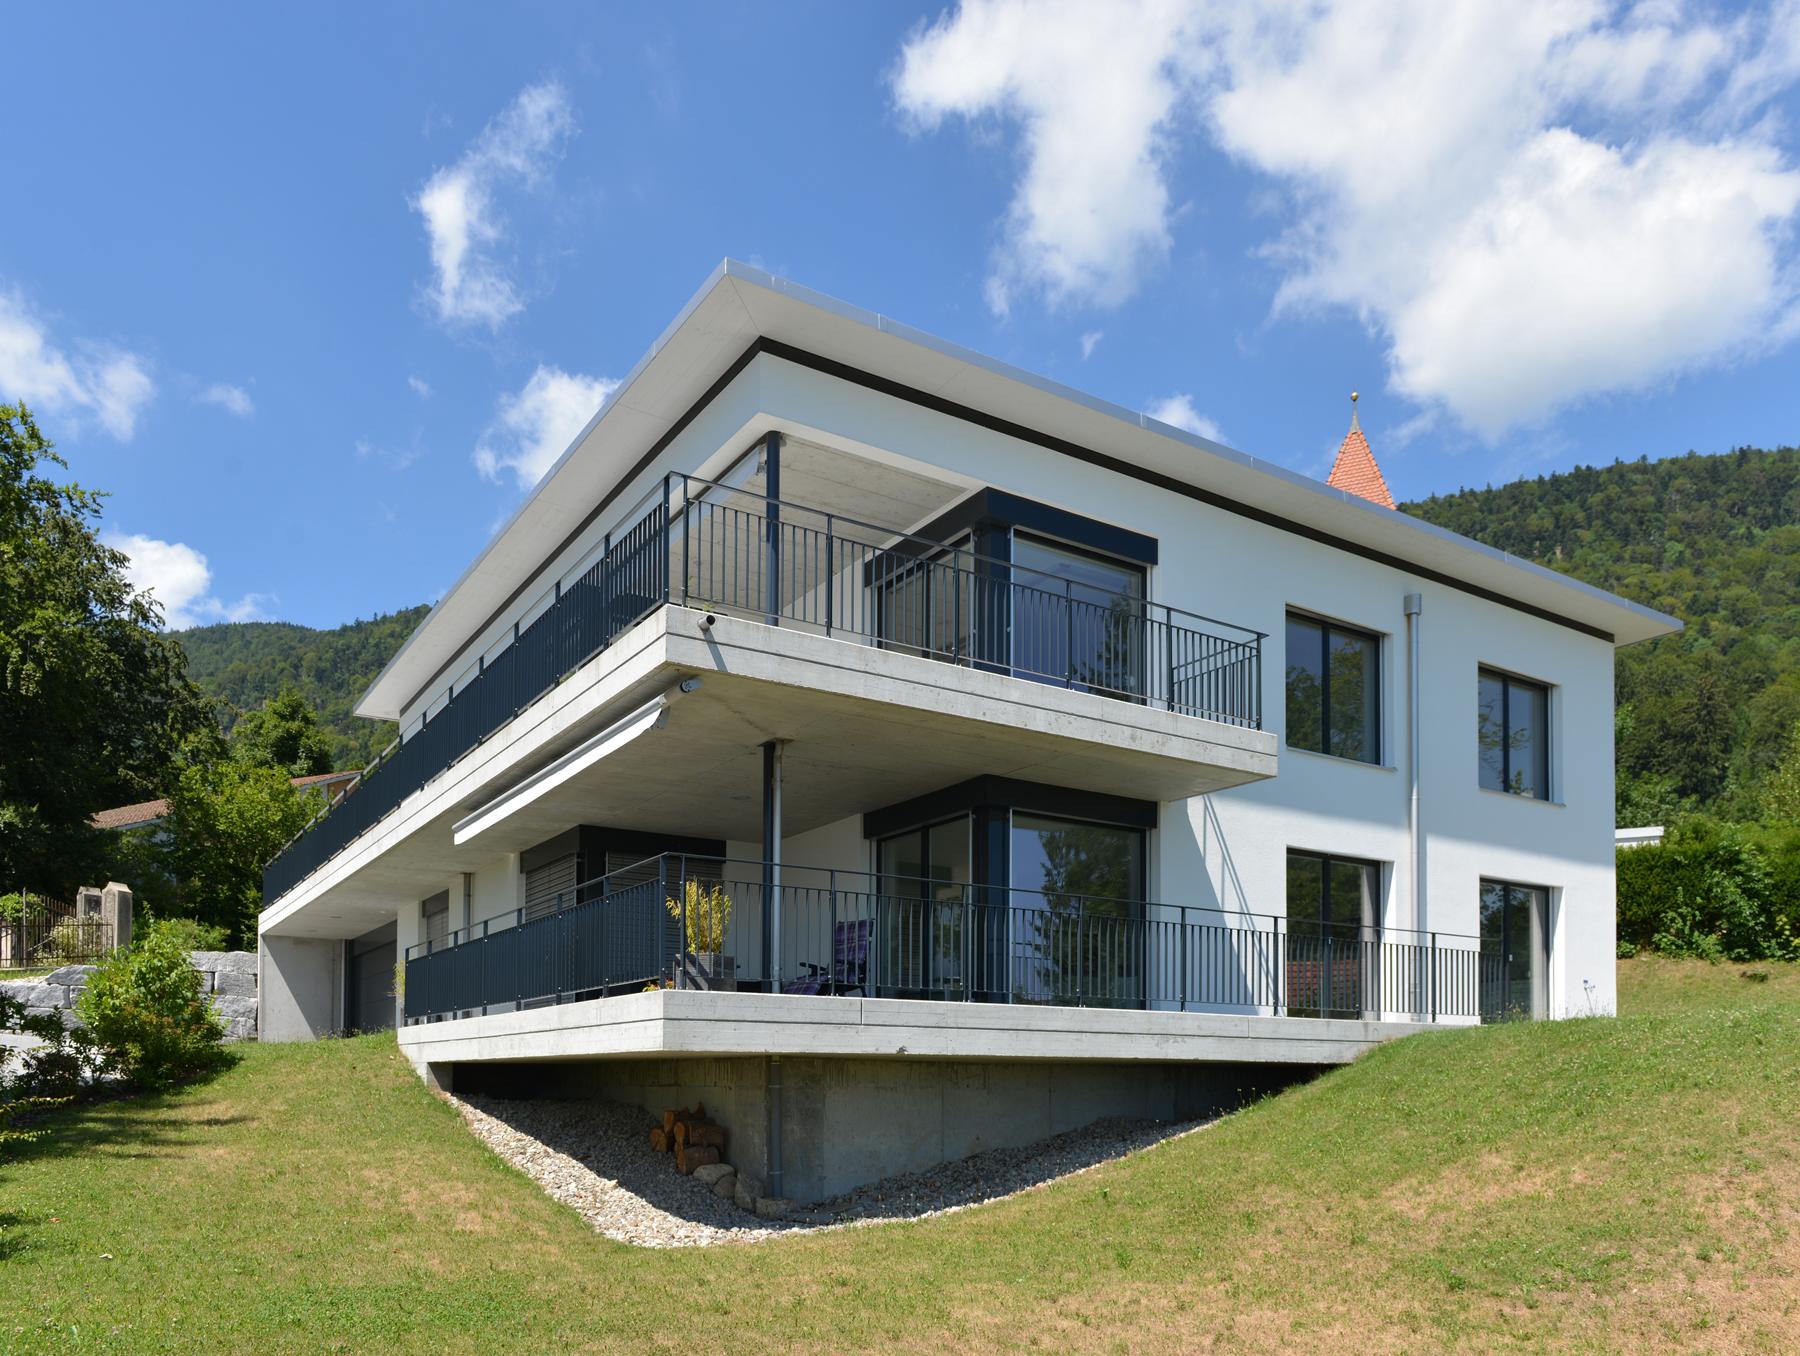 Architektur und raumgestaltung ag 2 familienhaus for Familienhaus